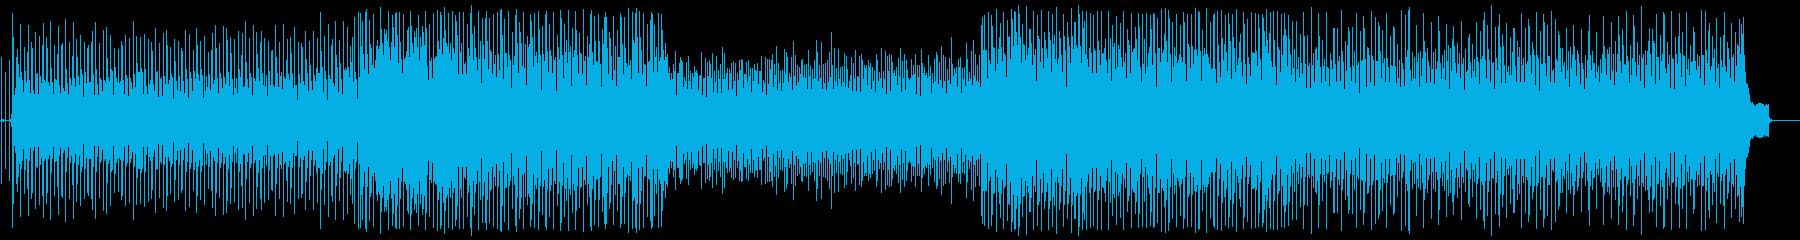 コントリーワールド。フォーク。 7...の再生済みの波形